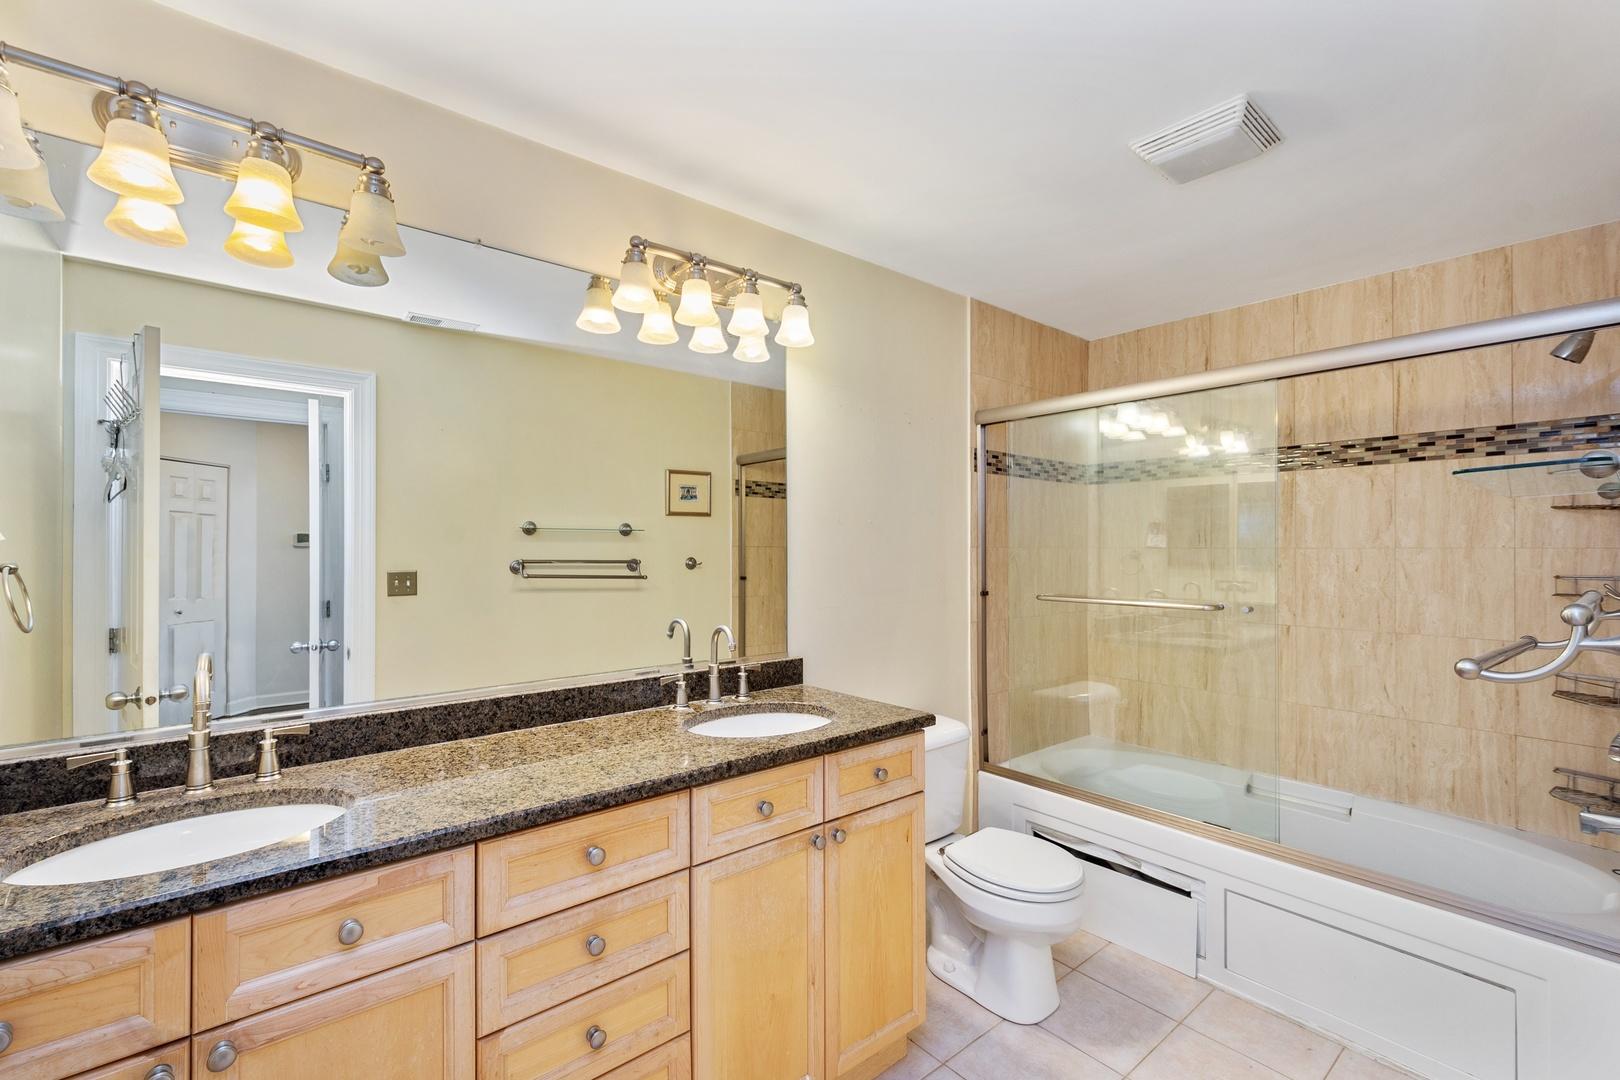 Hd 1569420595233 07 2733nlincolnf 13 masterbathroom hires